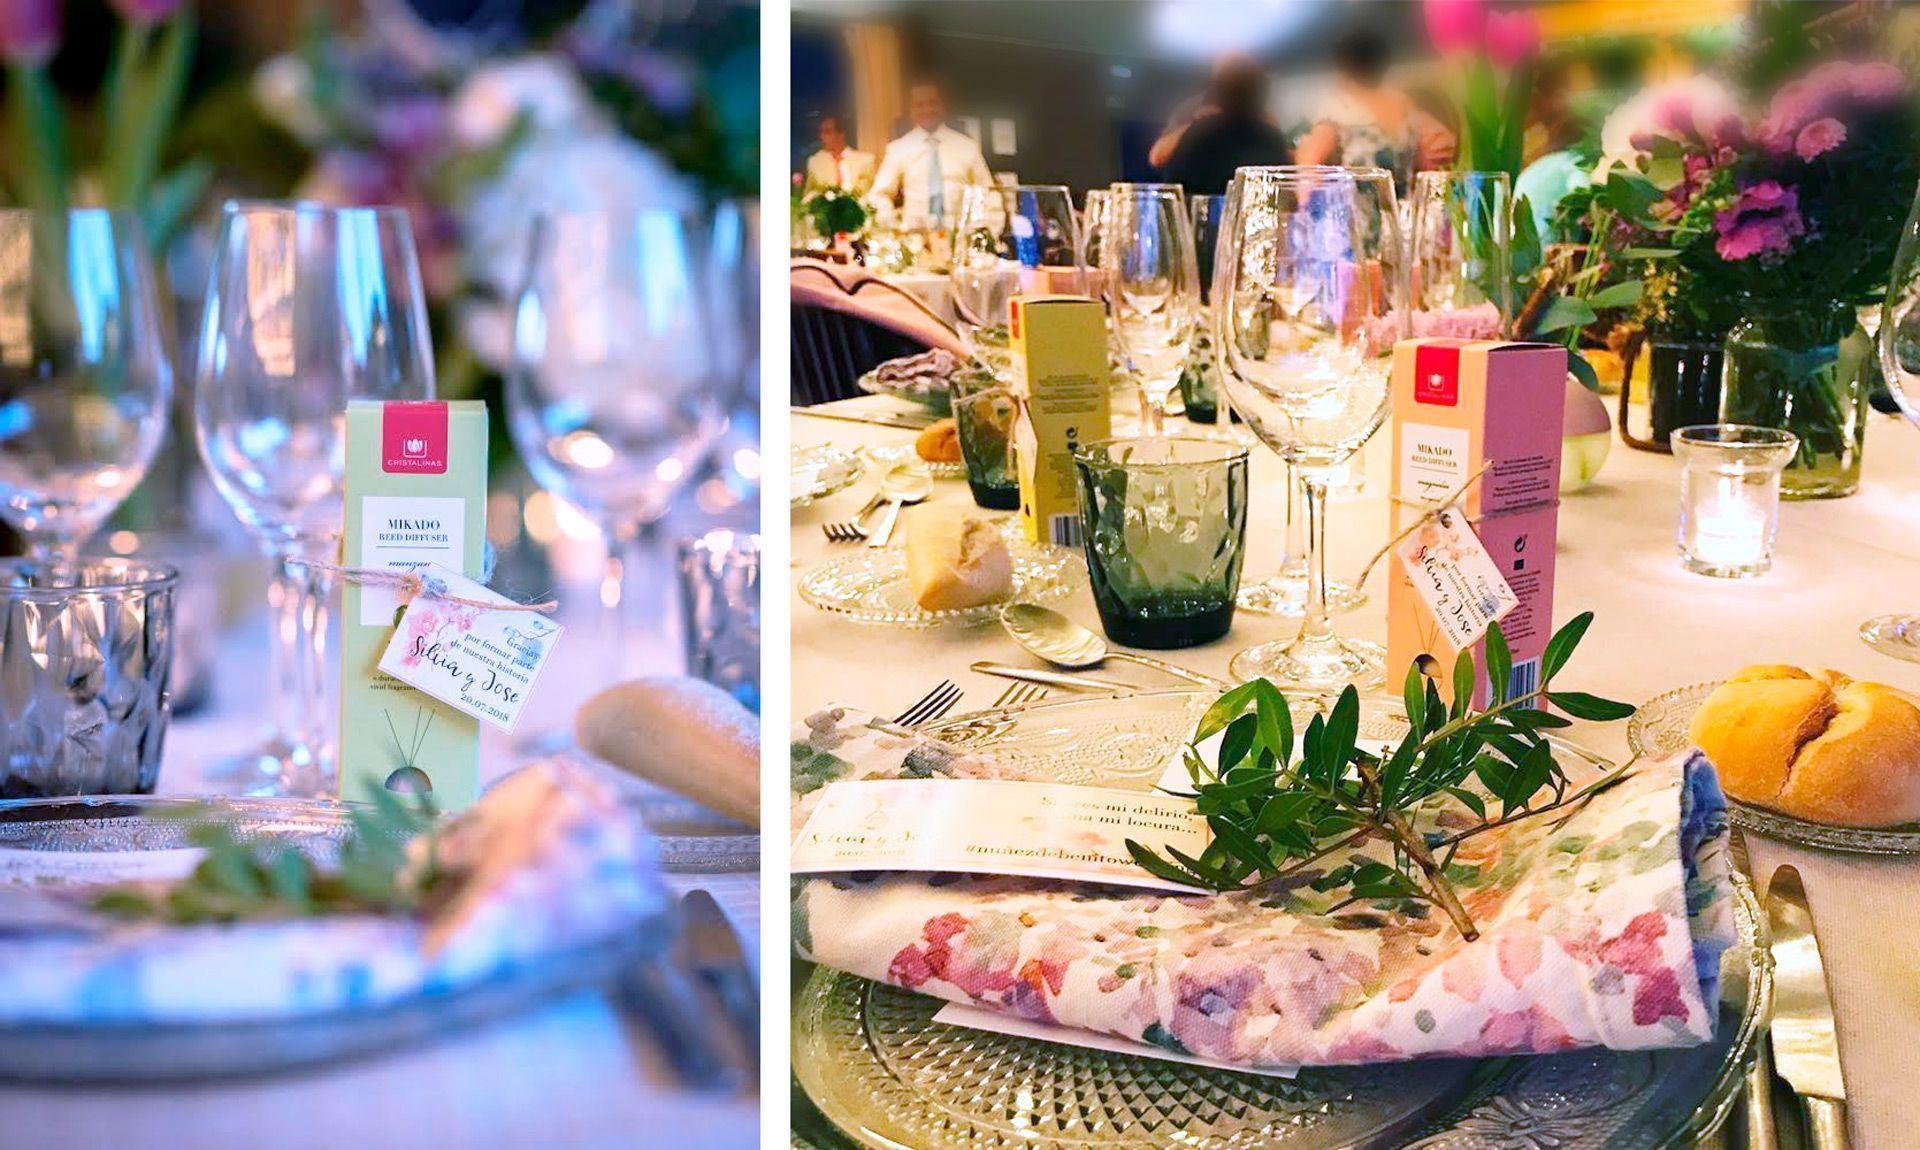 detalles personalizados de la boda de silvia de benito